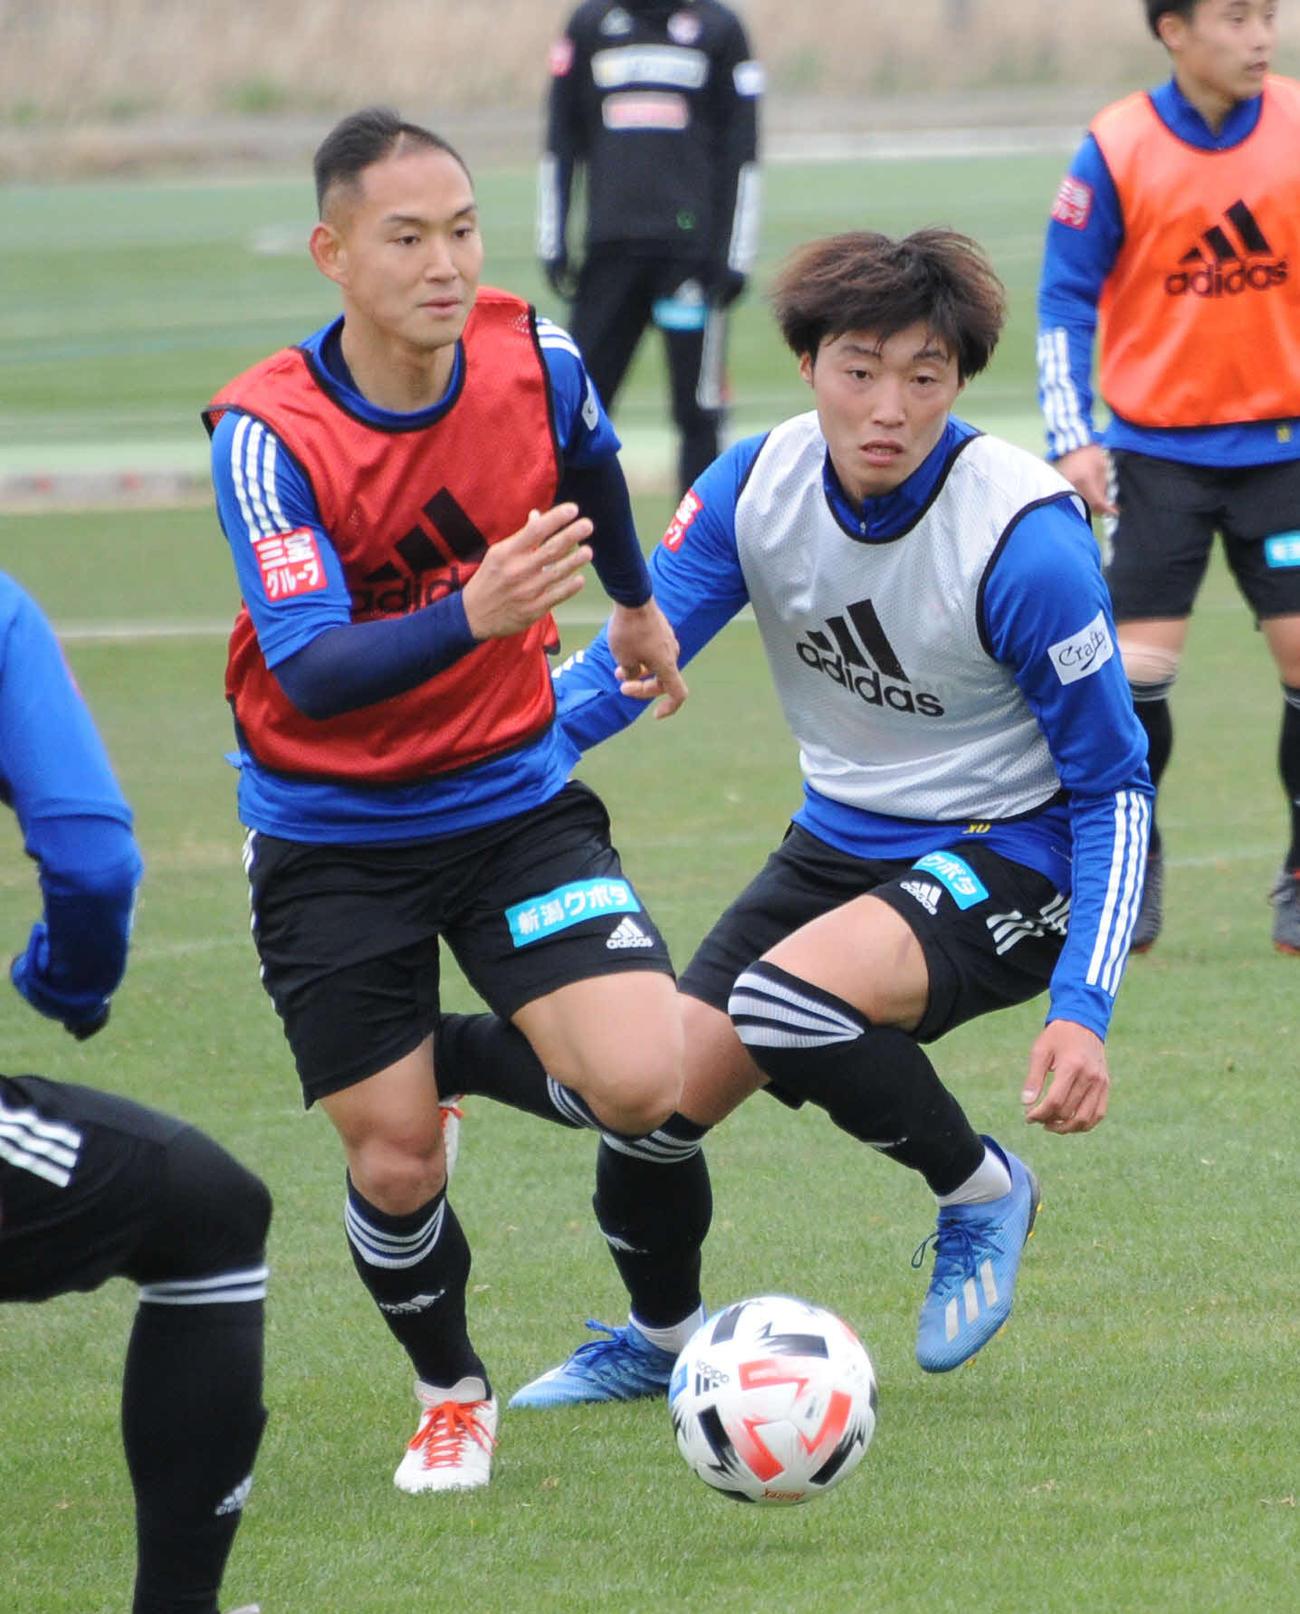 ミニゲームで早川(左)からボールを奪いに行く岡本